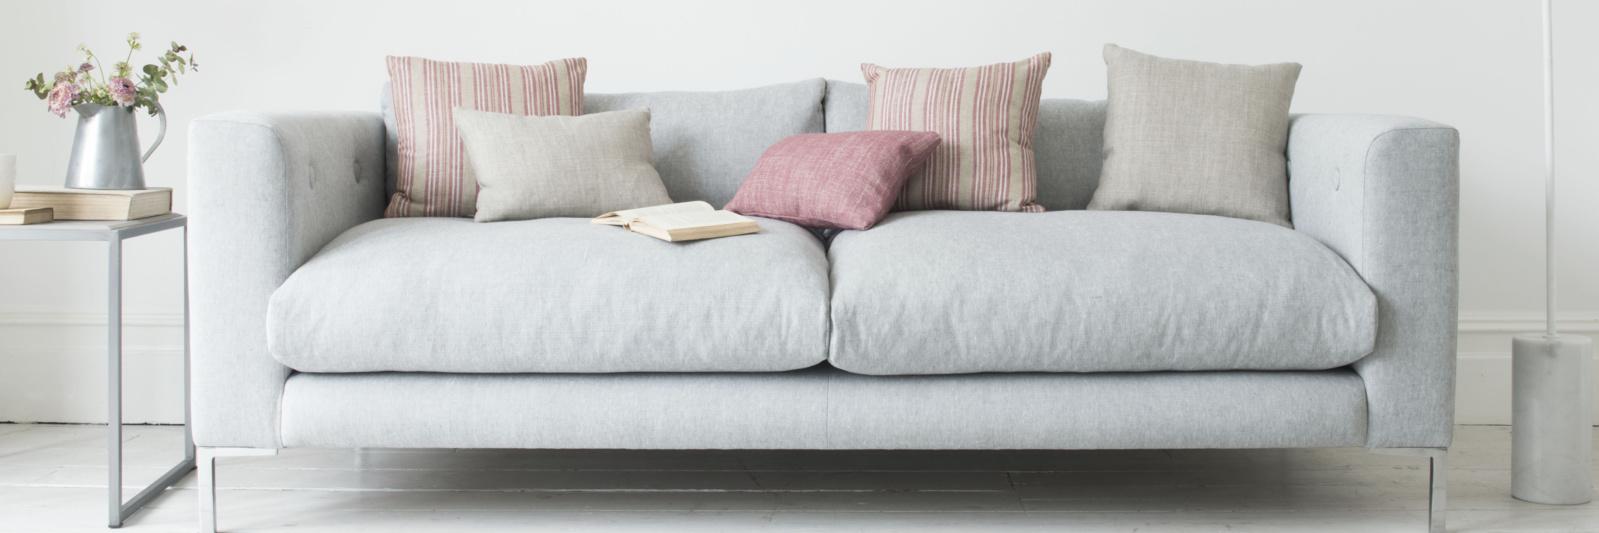 Rockstar sofa in Pebble vintage linen